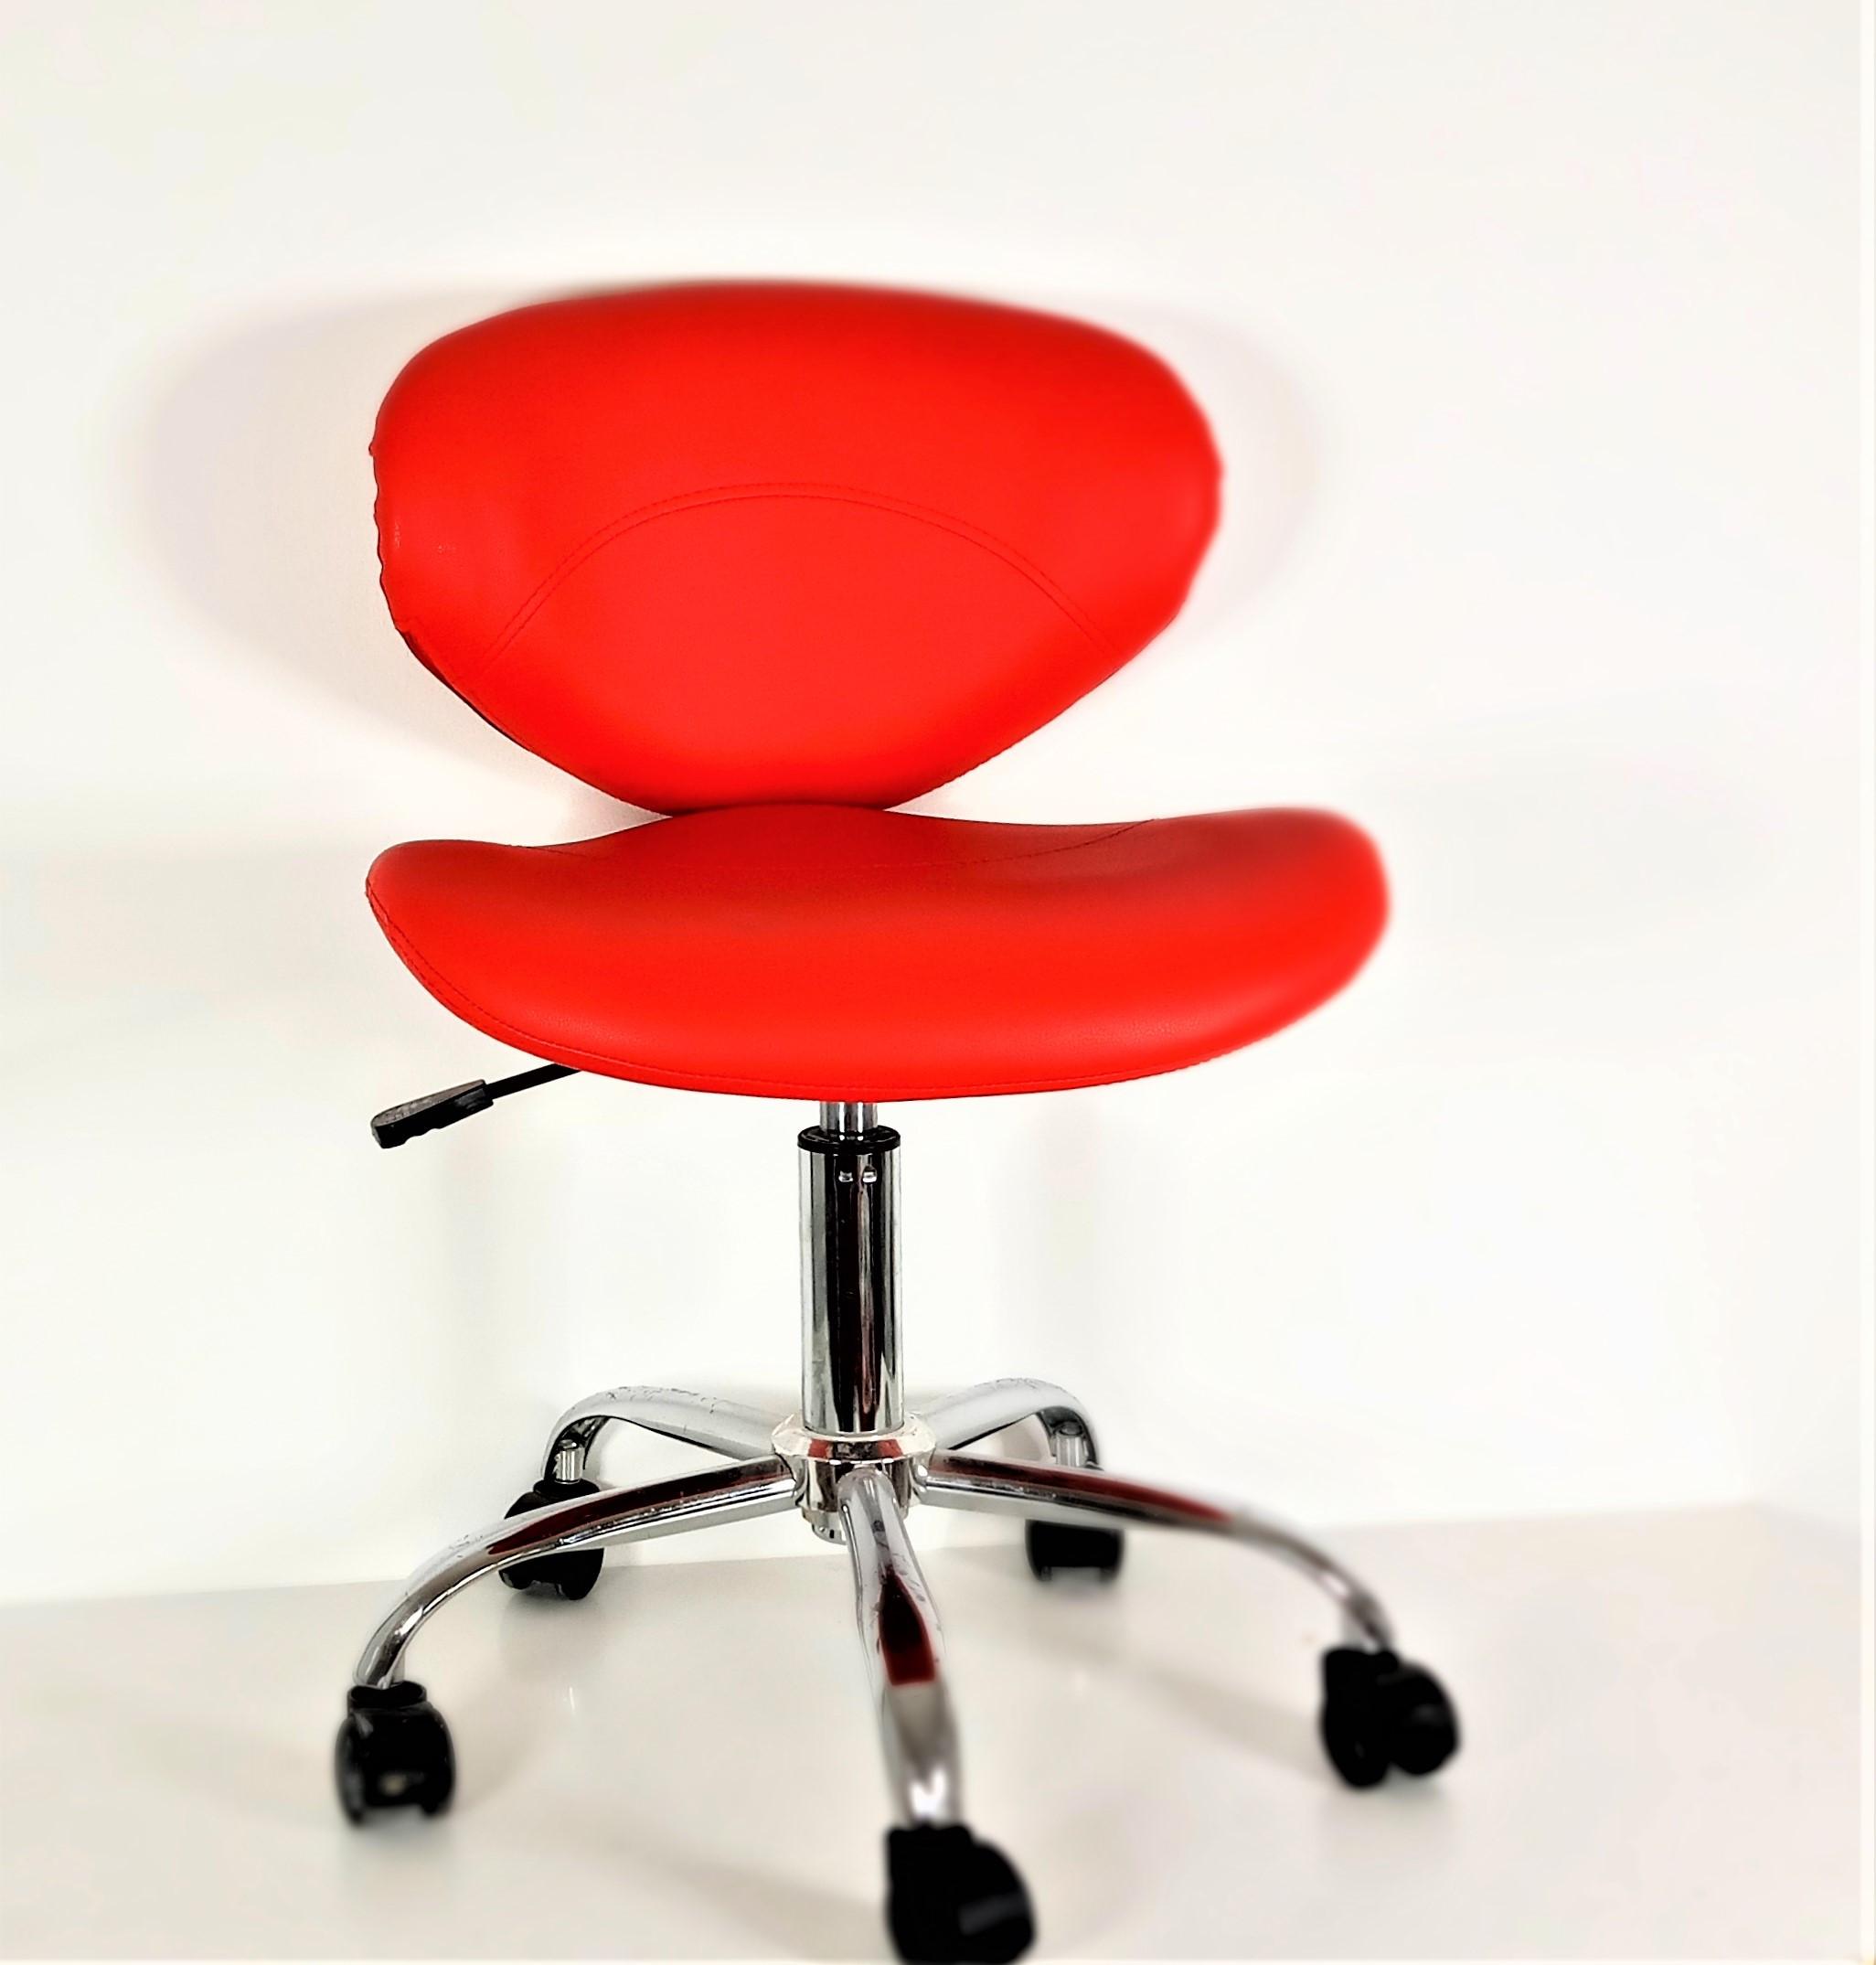 ghế thợ đỏ